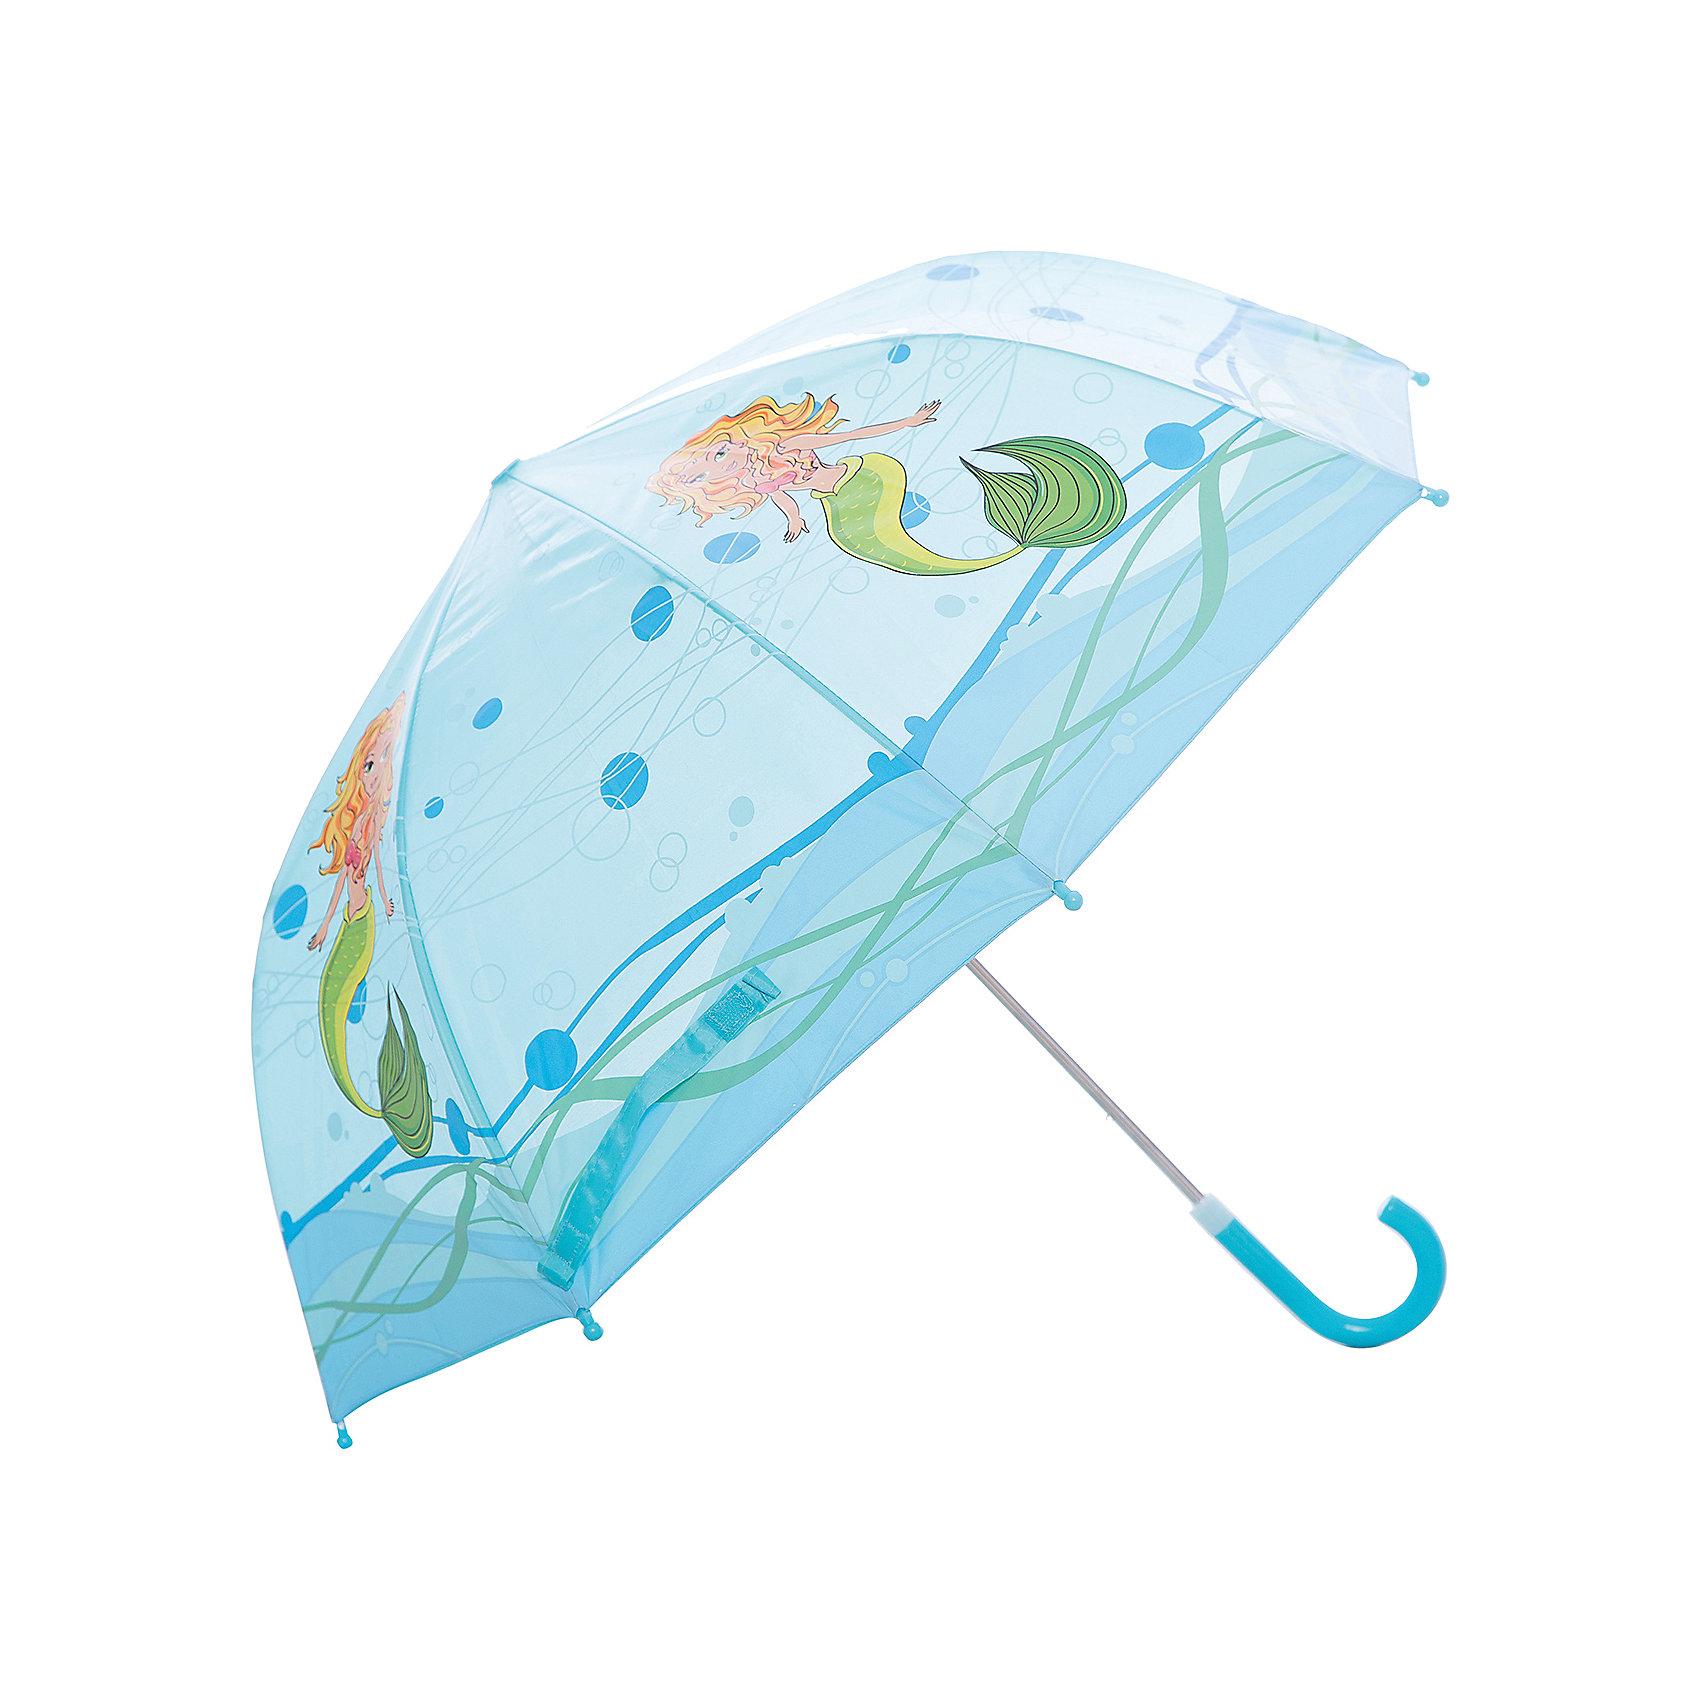 Зонт детский Русалка, 46 см.Зонты детские<br>Зонт детский Русалка, 46см., Mary Poppins (Мэри Поппинс)<br><br>Характеристики:<br><br>• устойчив к ветру<br>• система складывания: механическая<br>• прочное крепление купола<br>• радиус купола: 46 см<br>• длина ручки: 57 см<br>• пластиковые насадки на спицах<br>• материал: текстиль, металл, пластик, полиэстер<br>• размер упаковки: 61х6х8 см<br><br>Яркий зонт Русалка не позволит малышу загрустить, когда на улице идет дождик. Зонт надежно защитит ребенка от дождя и ветра и поднимет настроение ярким дизайном. На куполе изображена прекрасная русалка, живущая в морских глубинах. Зонт складывается механически, имеет широкие поля купола и закругленные наконечники на концах спиц. С таким зонтом малышу не страшен даже сильный дождь!<br><br>Зонт детский Русалка, 46см., Mary Poppins (Мэри Поппинс) вы можете купить в нашем интернет-магазине.<br><br>Ширина мм: 615<br>Глубина мм: 500<br>Высота мм: 800<br>Вес г: 200<br>Возраст от месяцев: 36<br>Возраст до месяцев: 2147483647<br>Пол: Женский<br>Возраст: Детский<br>SKU: 5508523